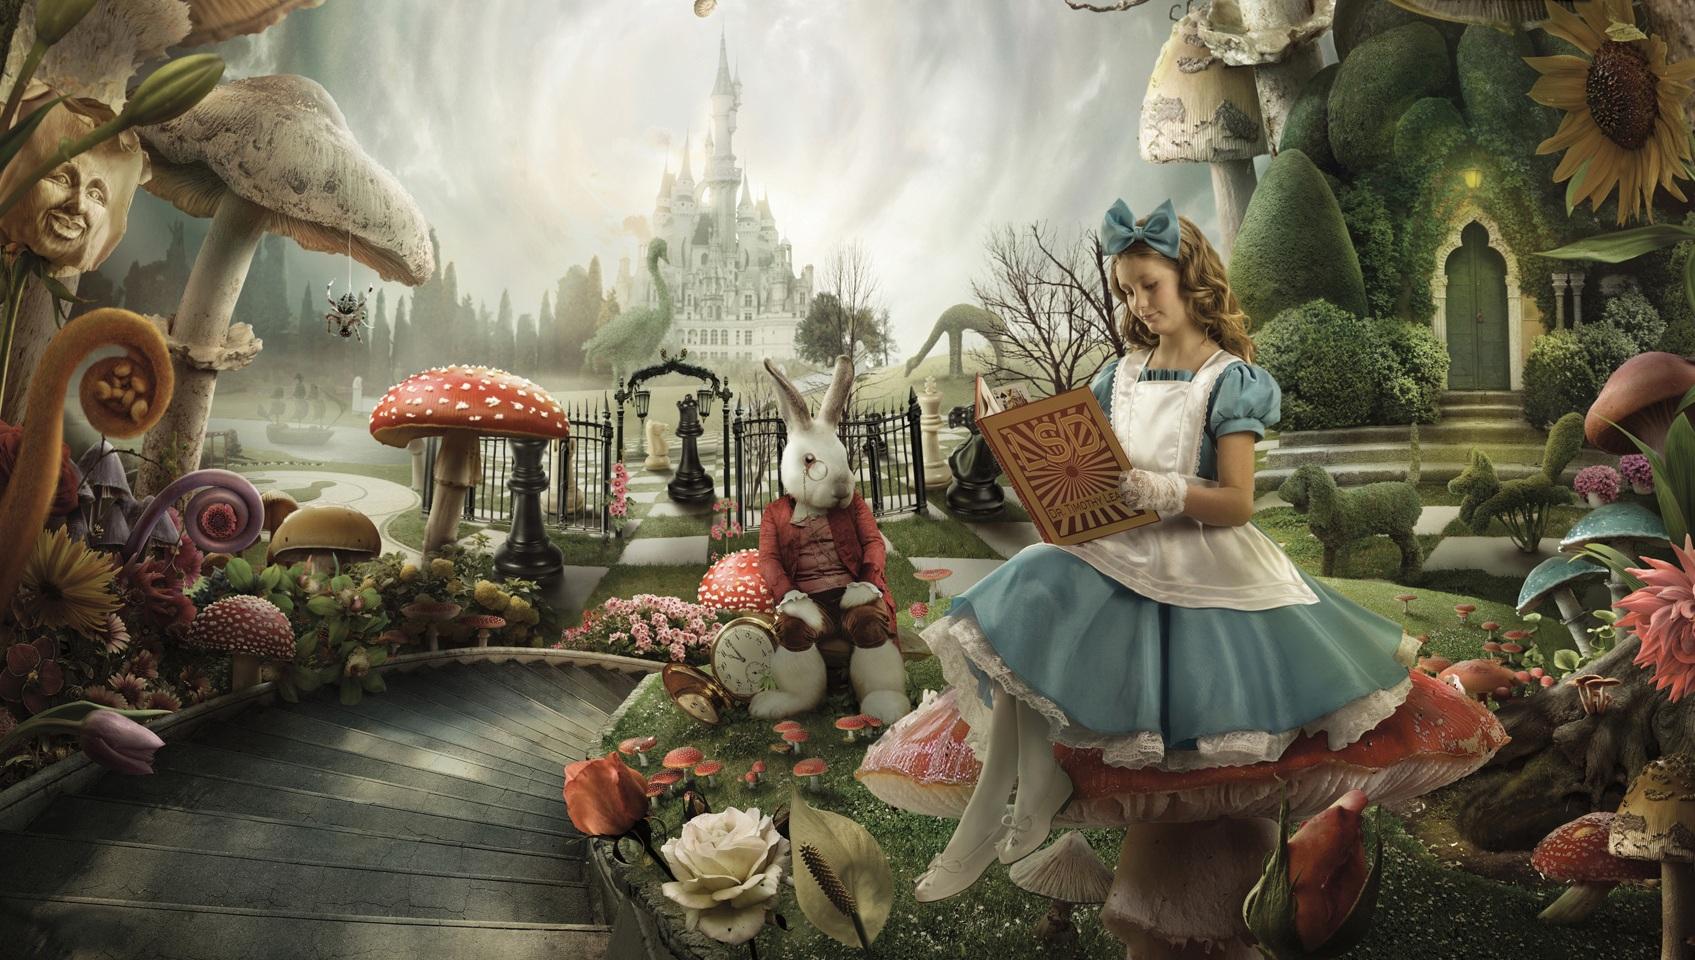 H Αλίκη στη Χώρα των Θαυμάτων